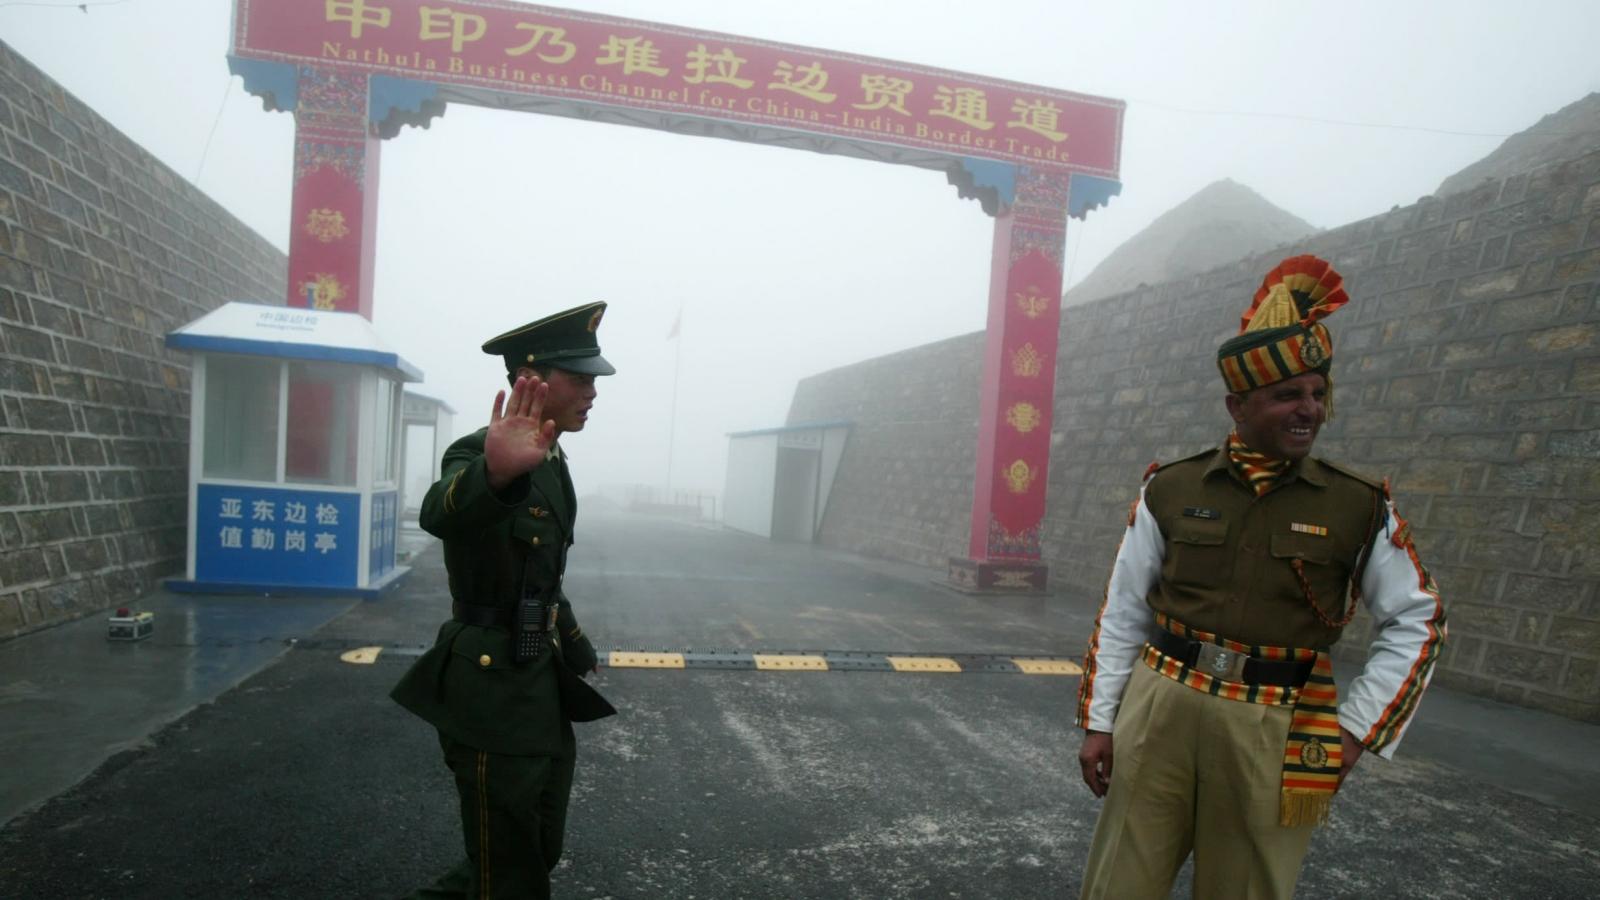 Ấn Độ và Trung Quốc bắt đầu rút quân khỏi khu vực biên giới tranh chấp